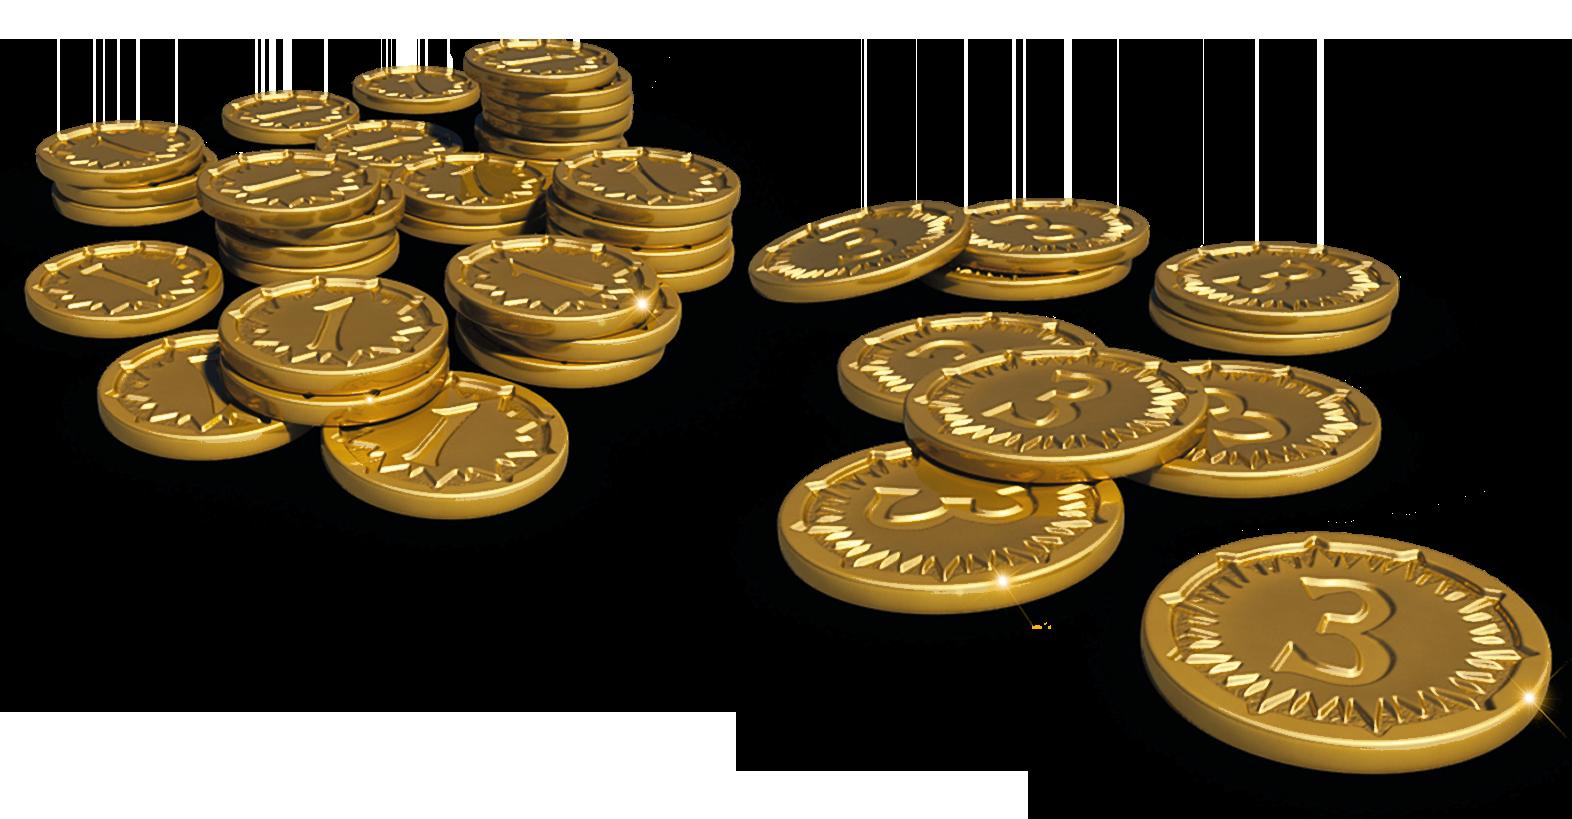 Everdell: Zestaw monet deluxe (przedsprzedaż)